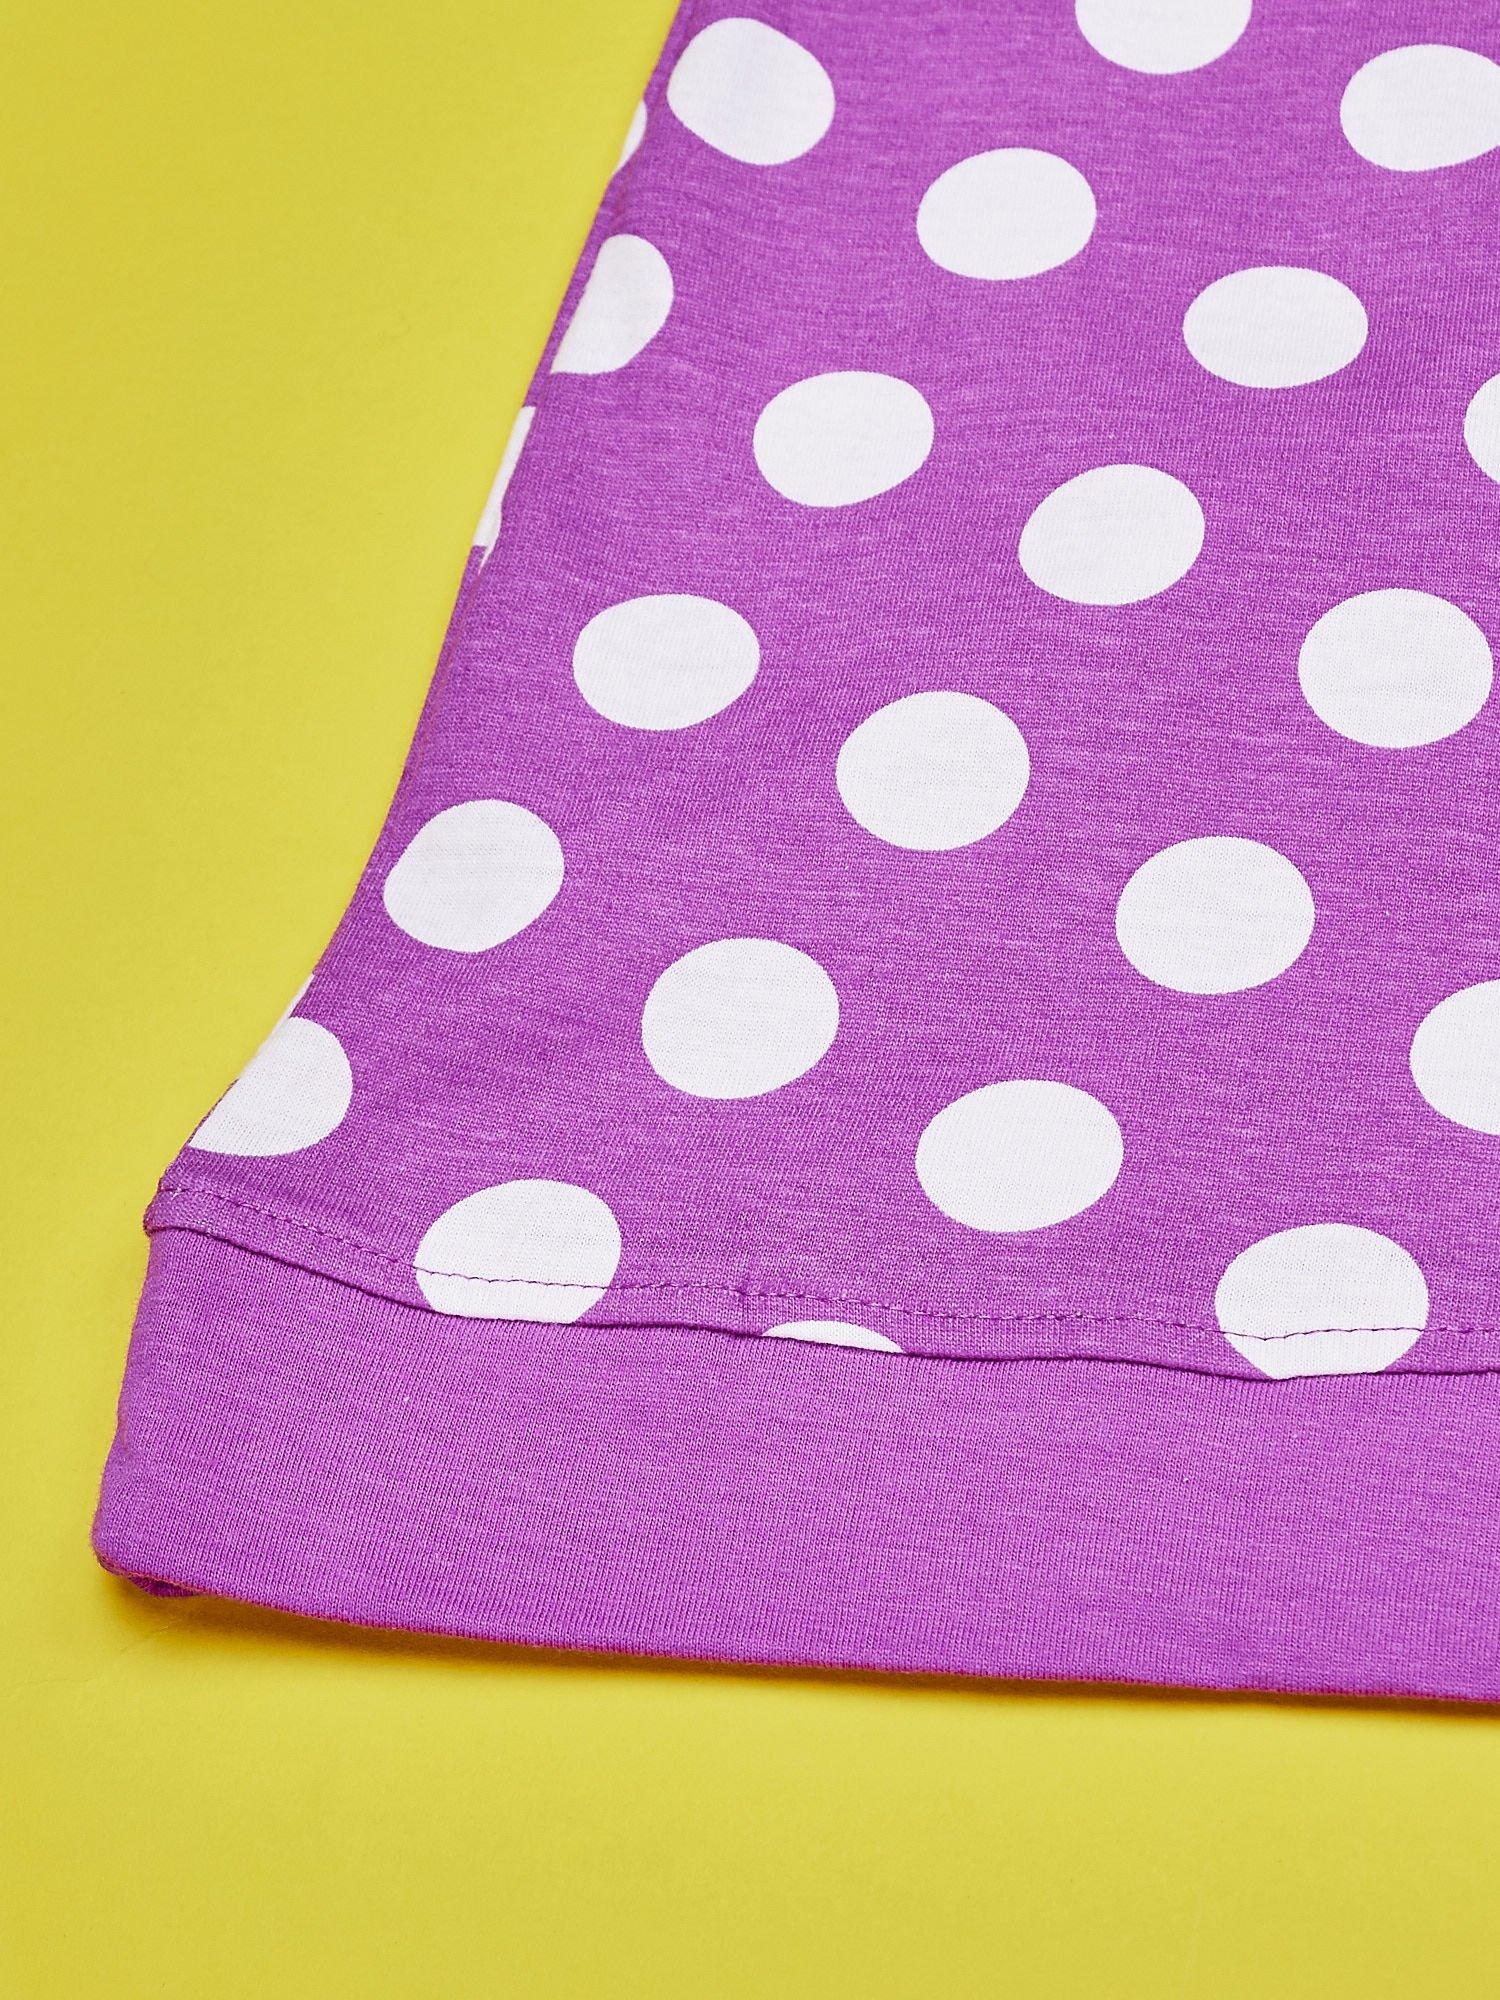 bff8f90b8b Fioletowa sukienka w groszki dla dziewczynki FURBY - Dziecko ...